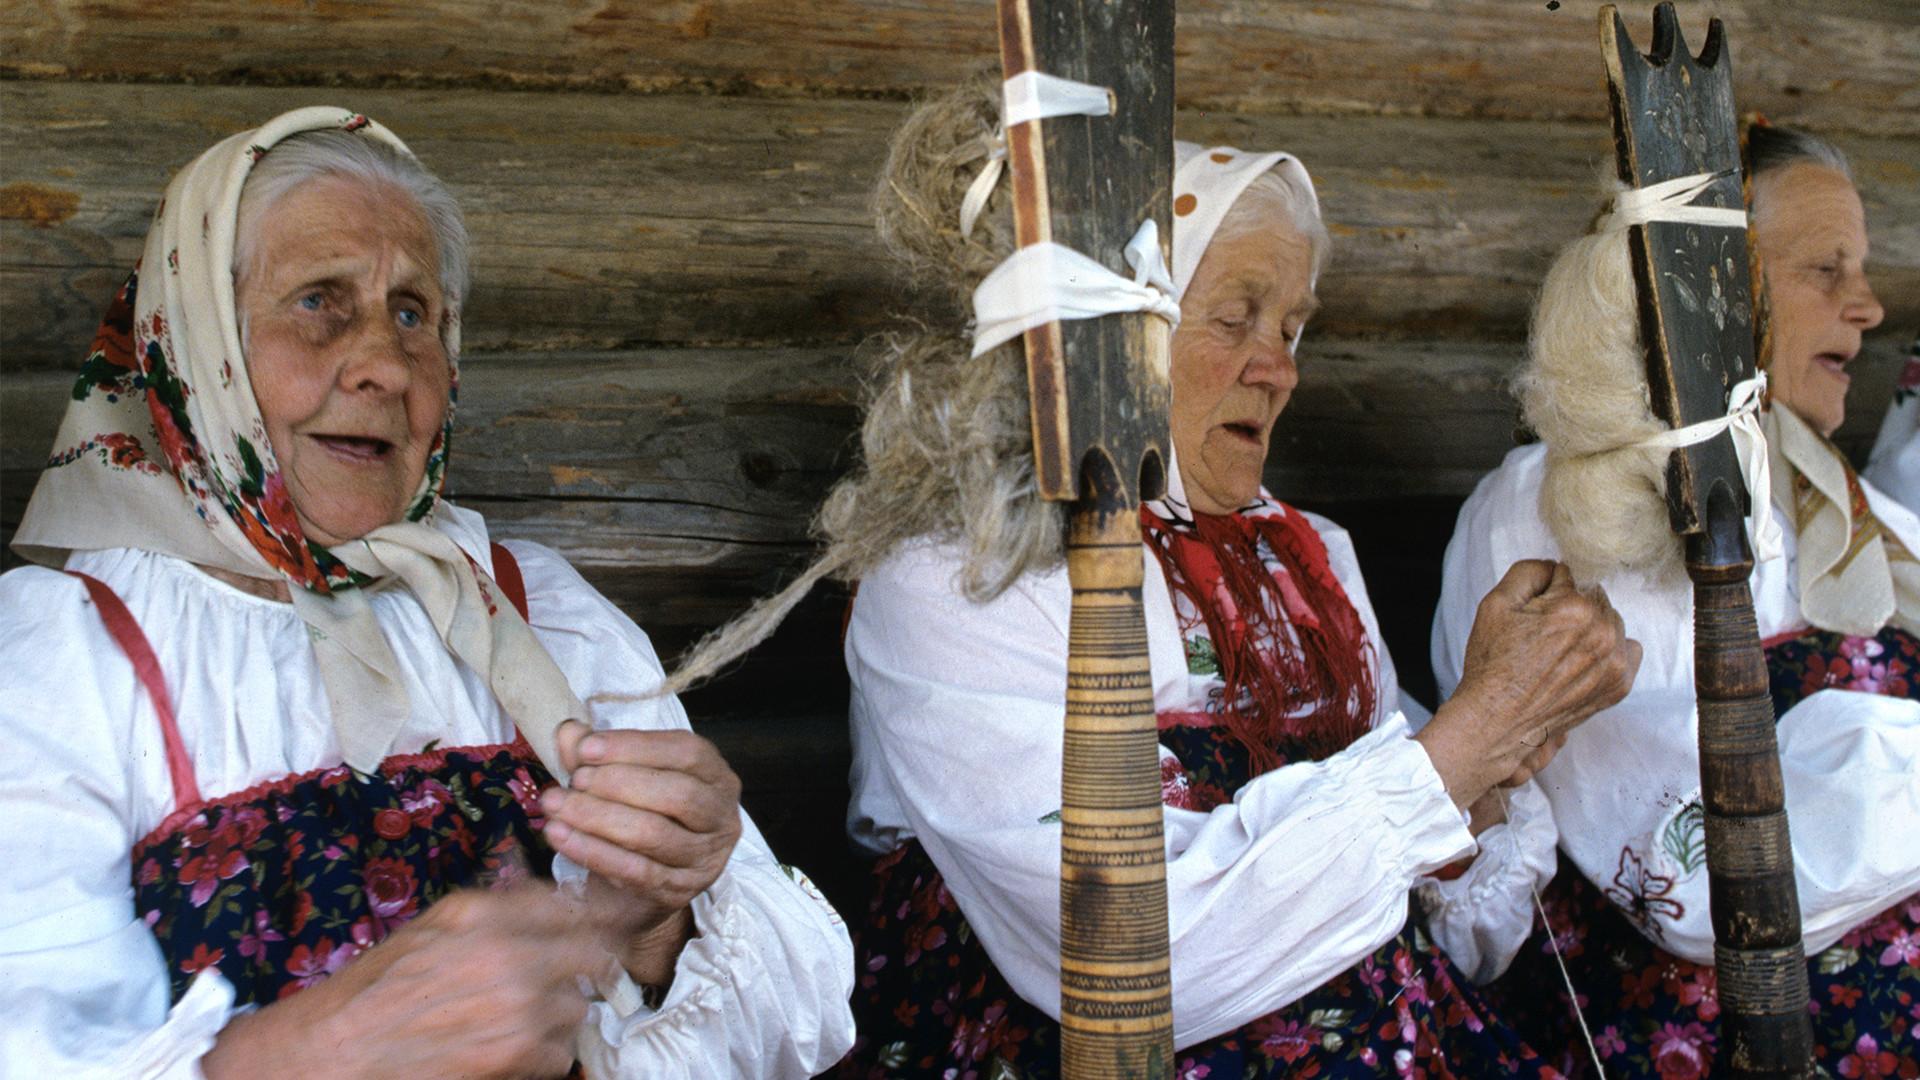 Participantes du festival d'ensembles folkloriques Vitoslavitsakh. Musée de l'architecture traditionnelle en bois